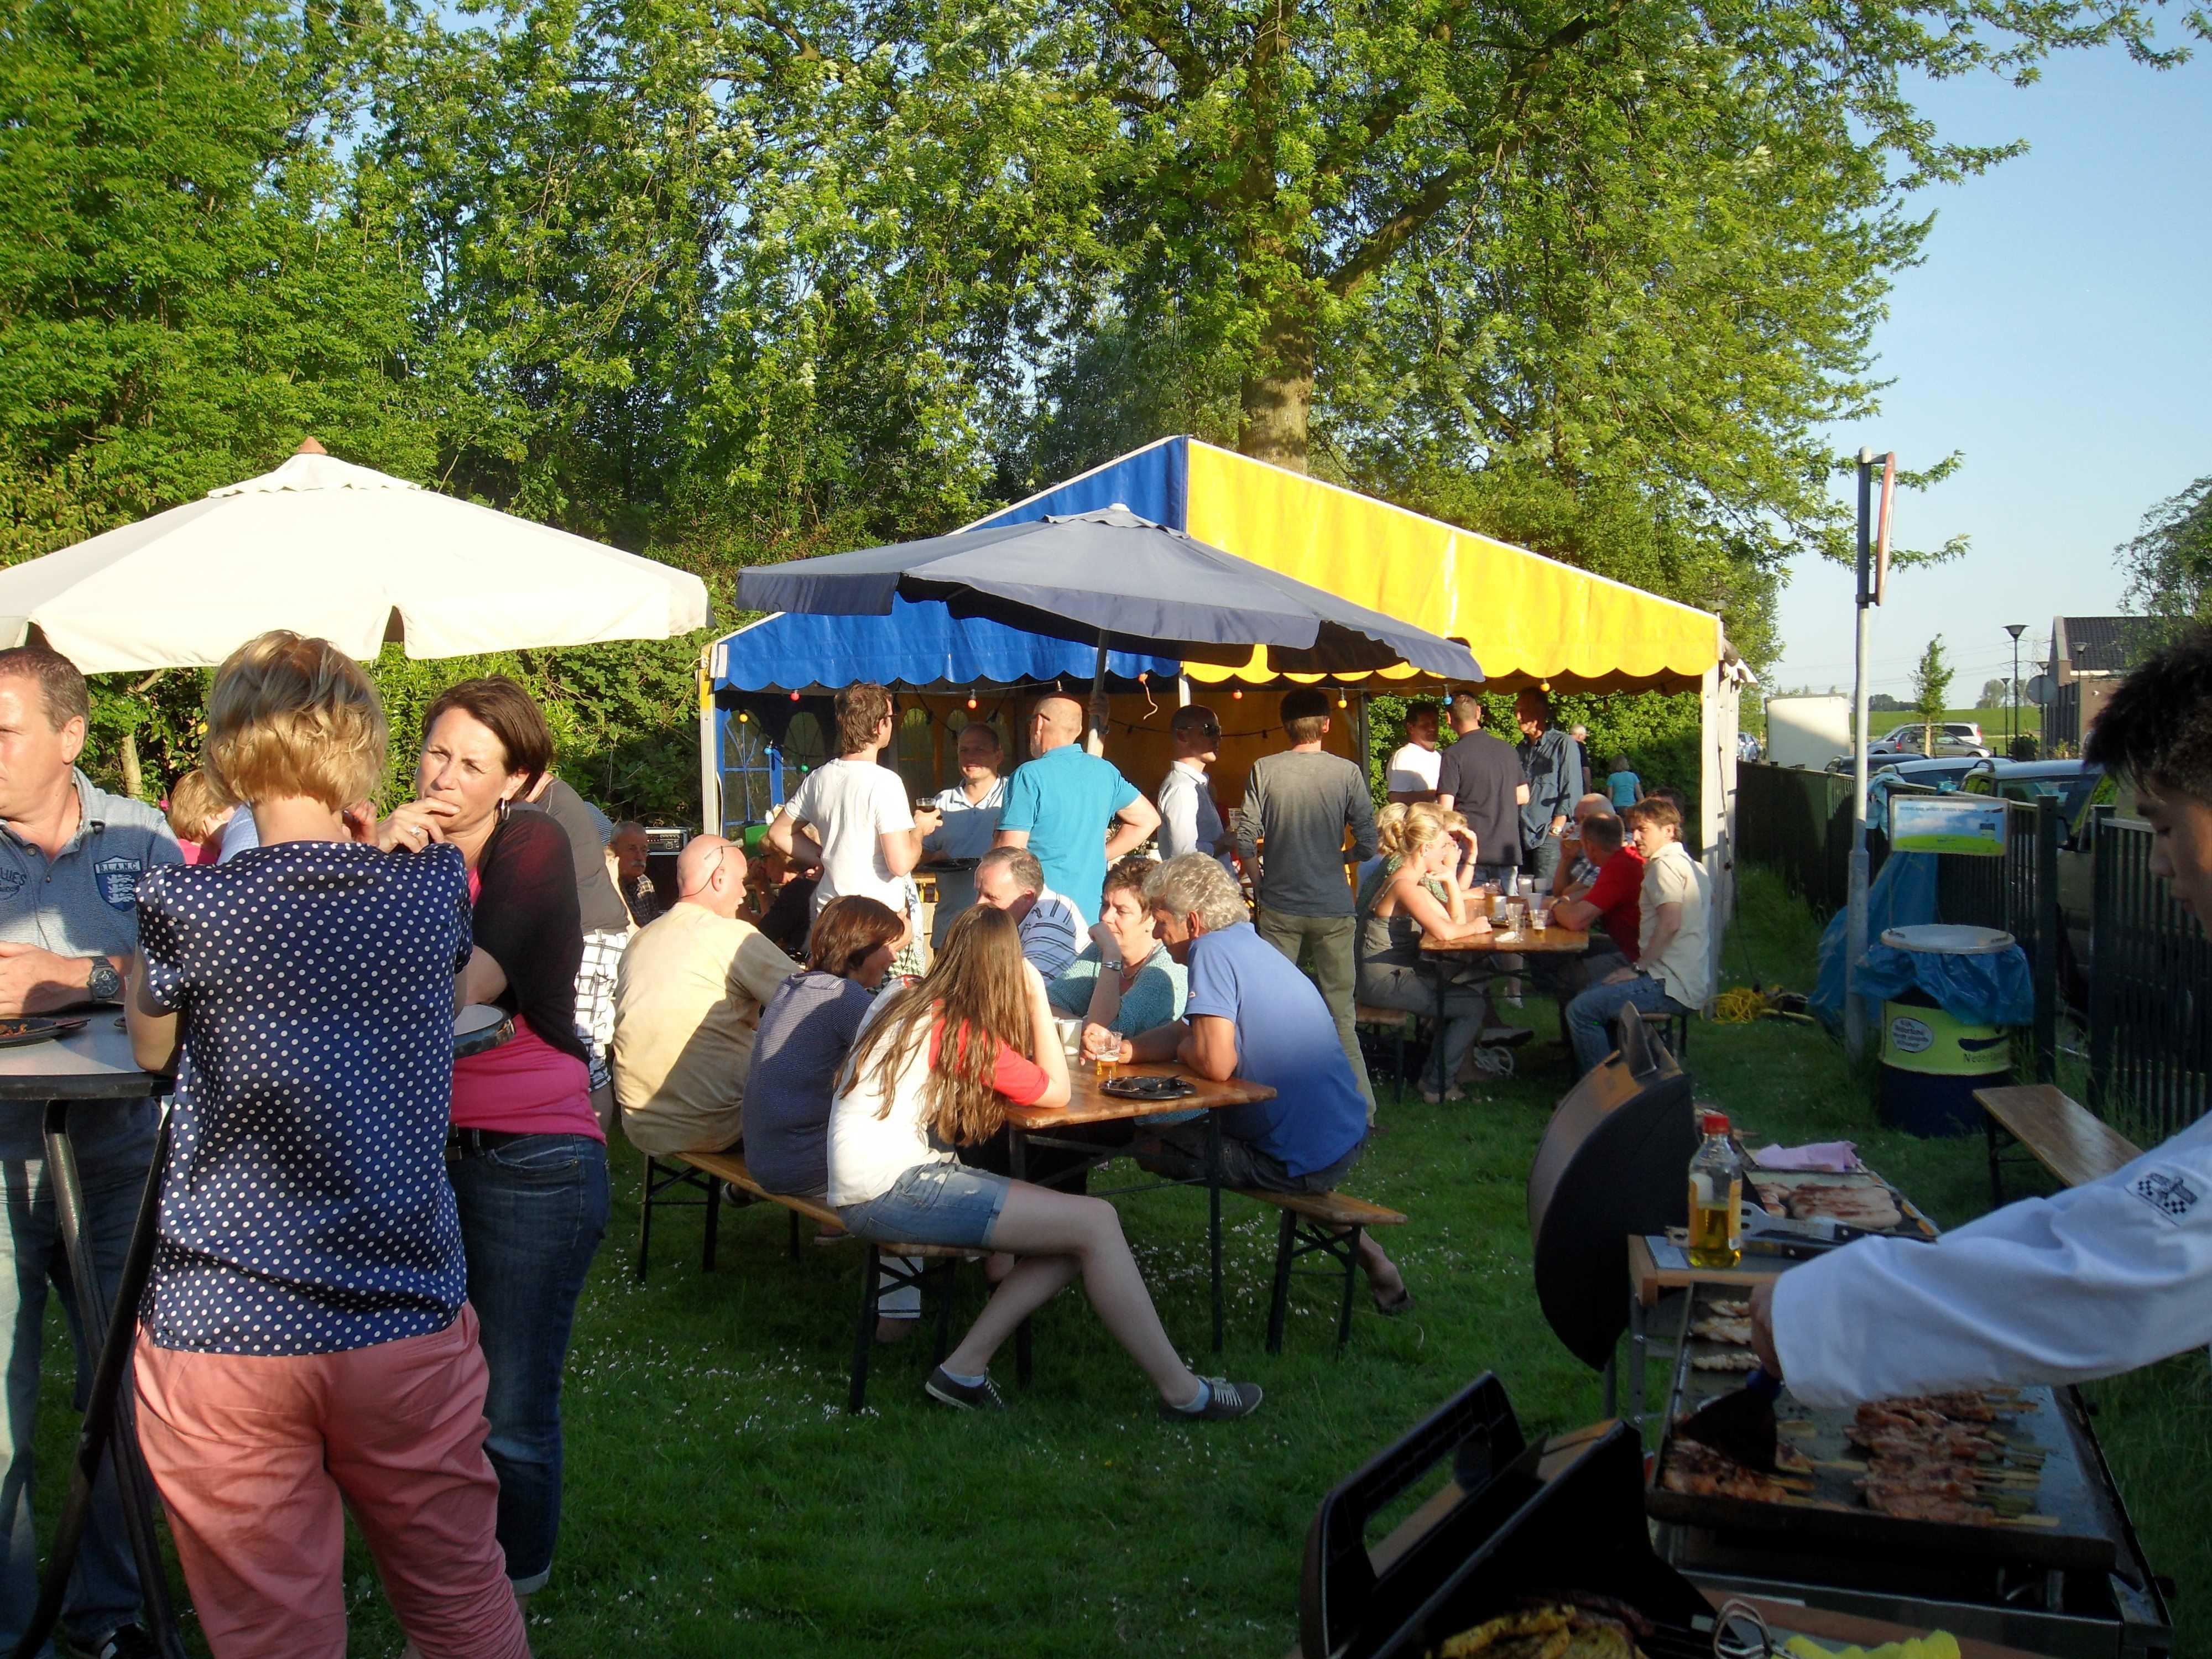 Complete bbq feesten op locatie mijn partyservice - Organiser barbecue party ...